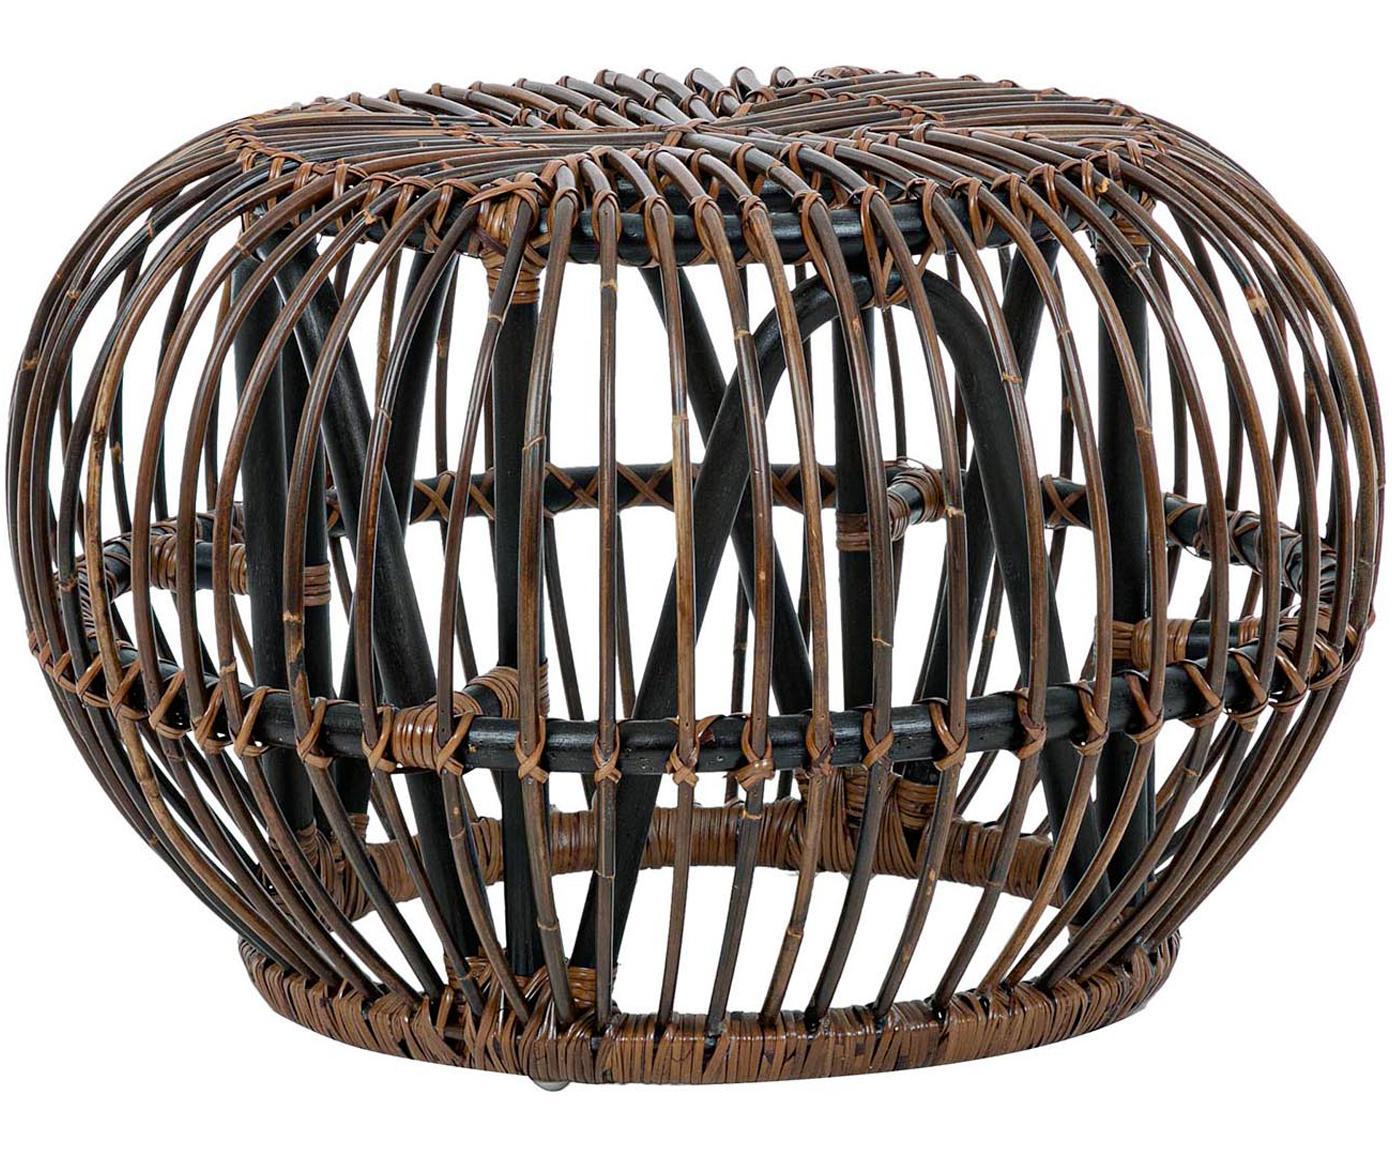 Mesa de centro Dorodal, Ratán con cabado natural Nitrocelulosa, Marrón, Ø 65 x Al 44 cm